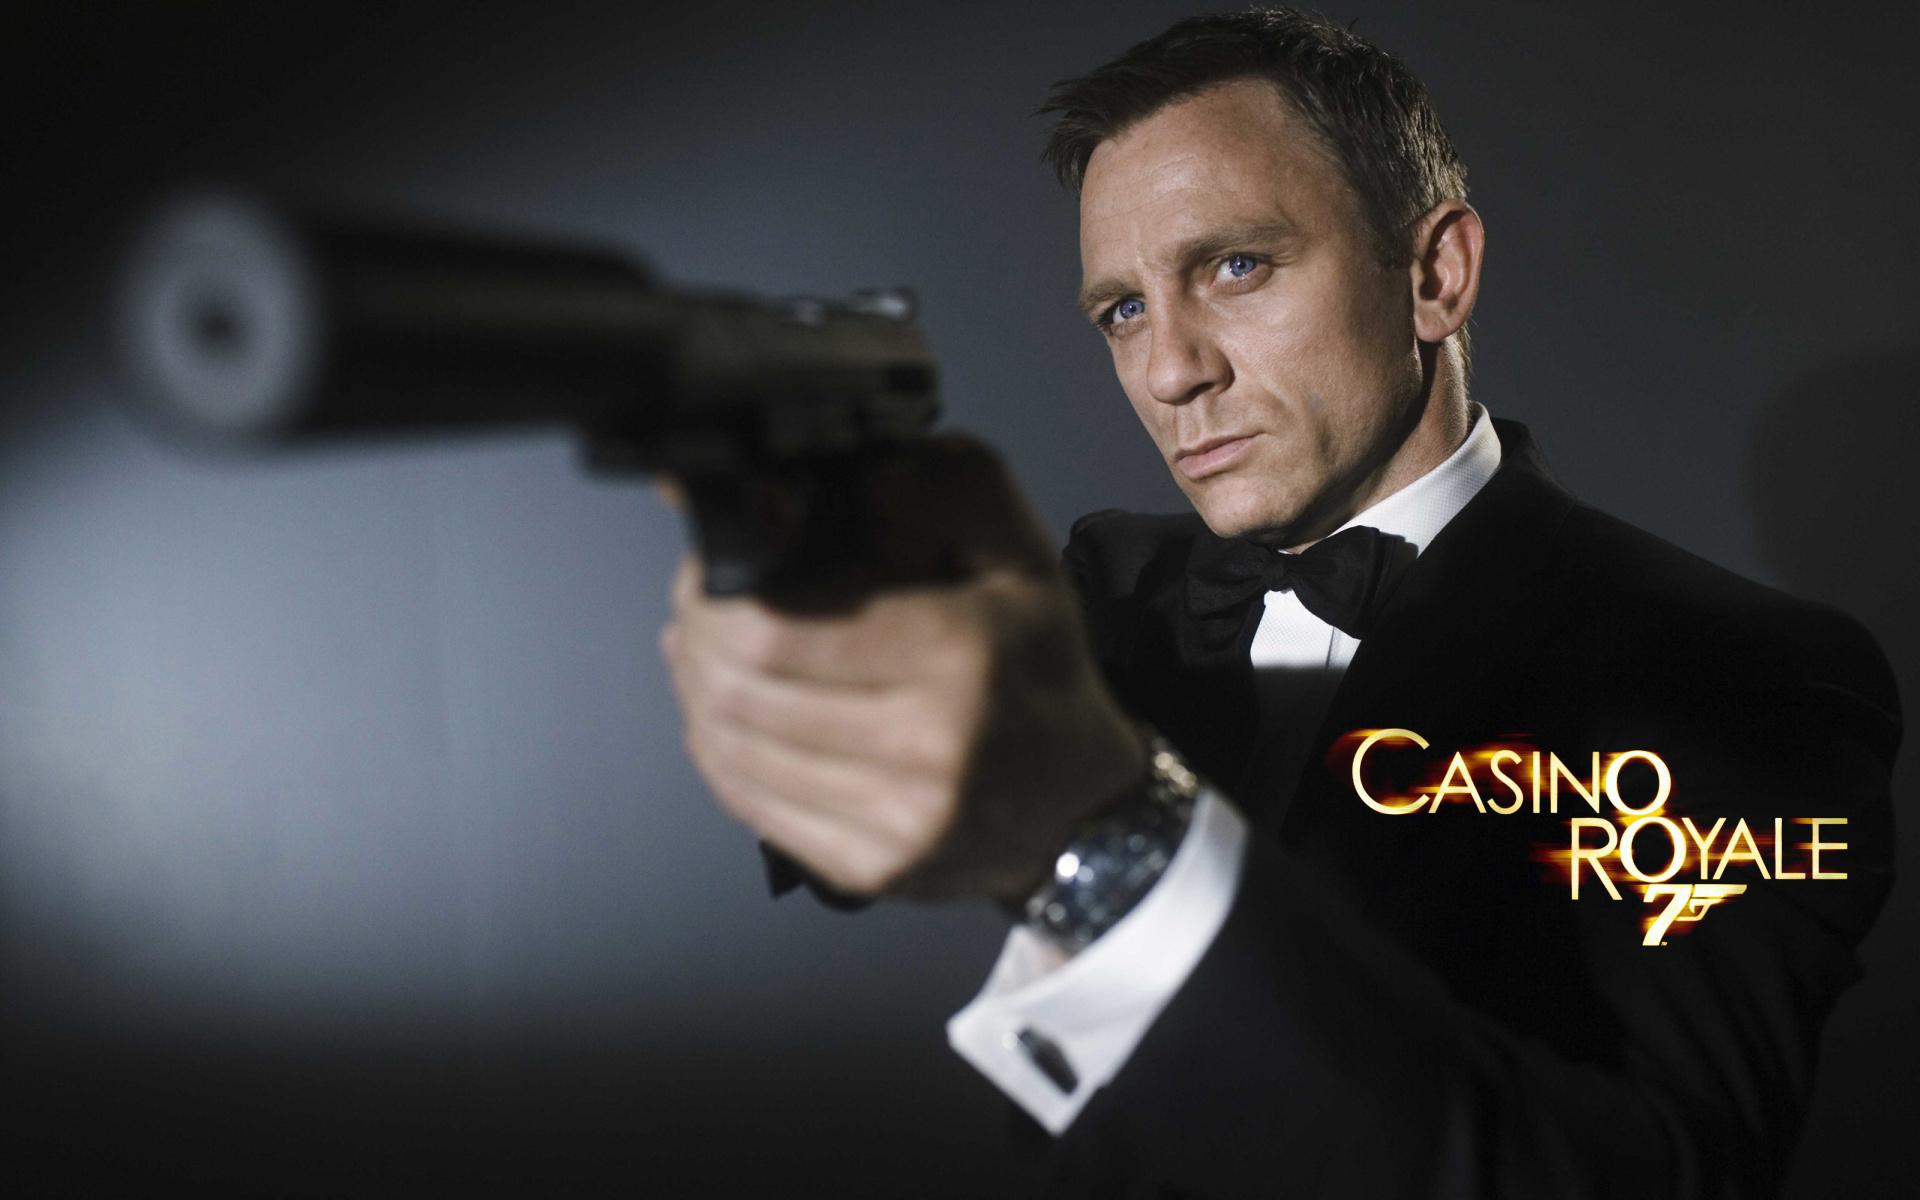 casino roxale